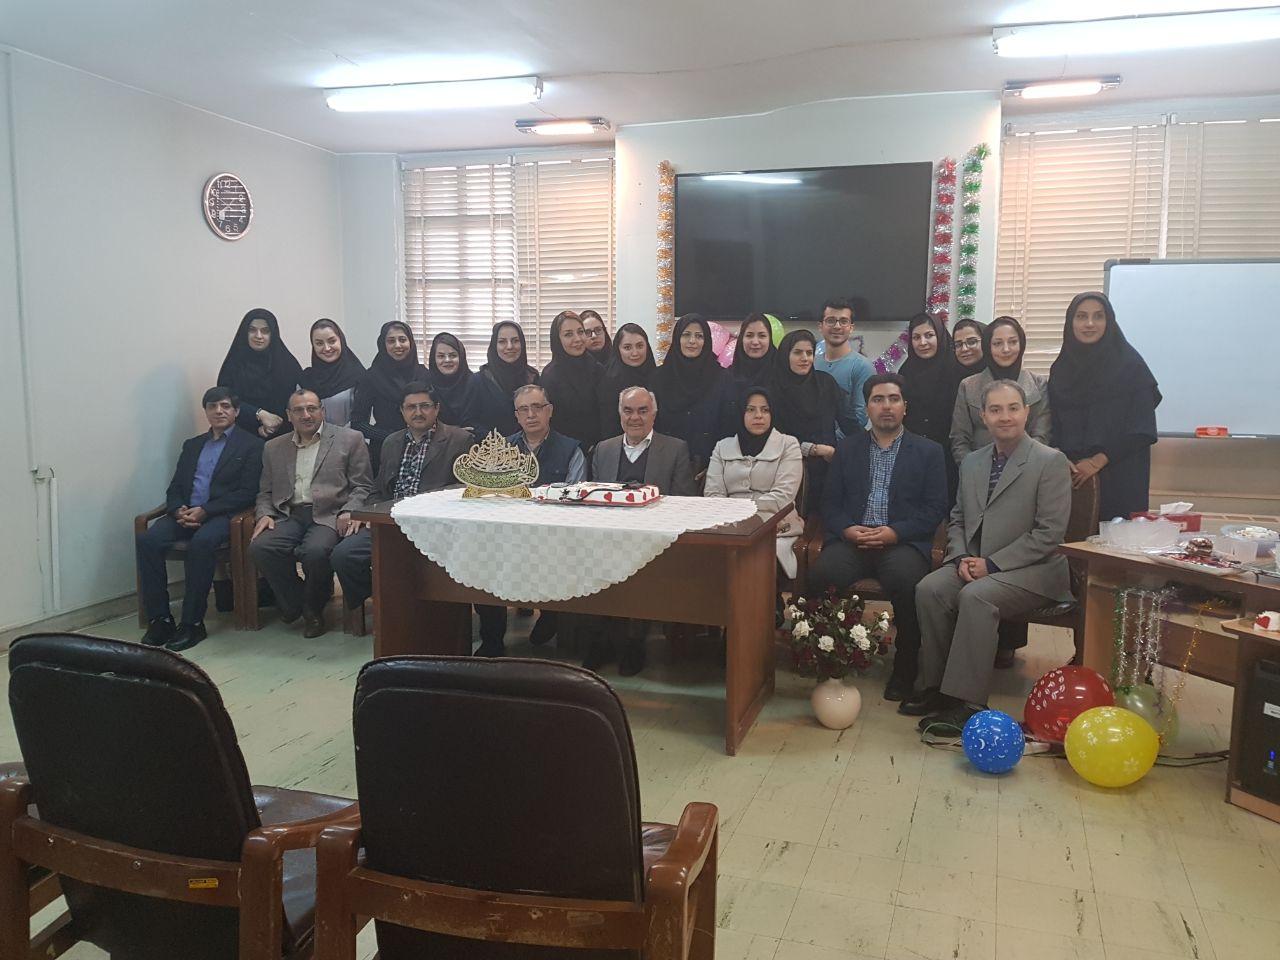 جشن تولد استاد دکتر کاظمی 1396